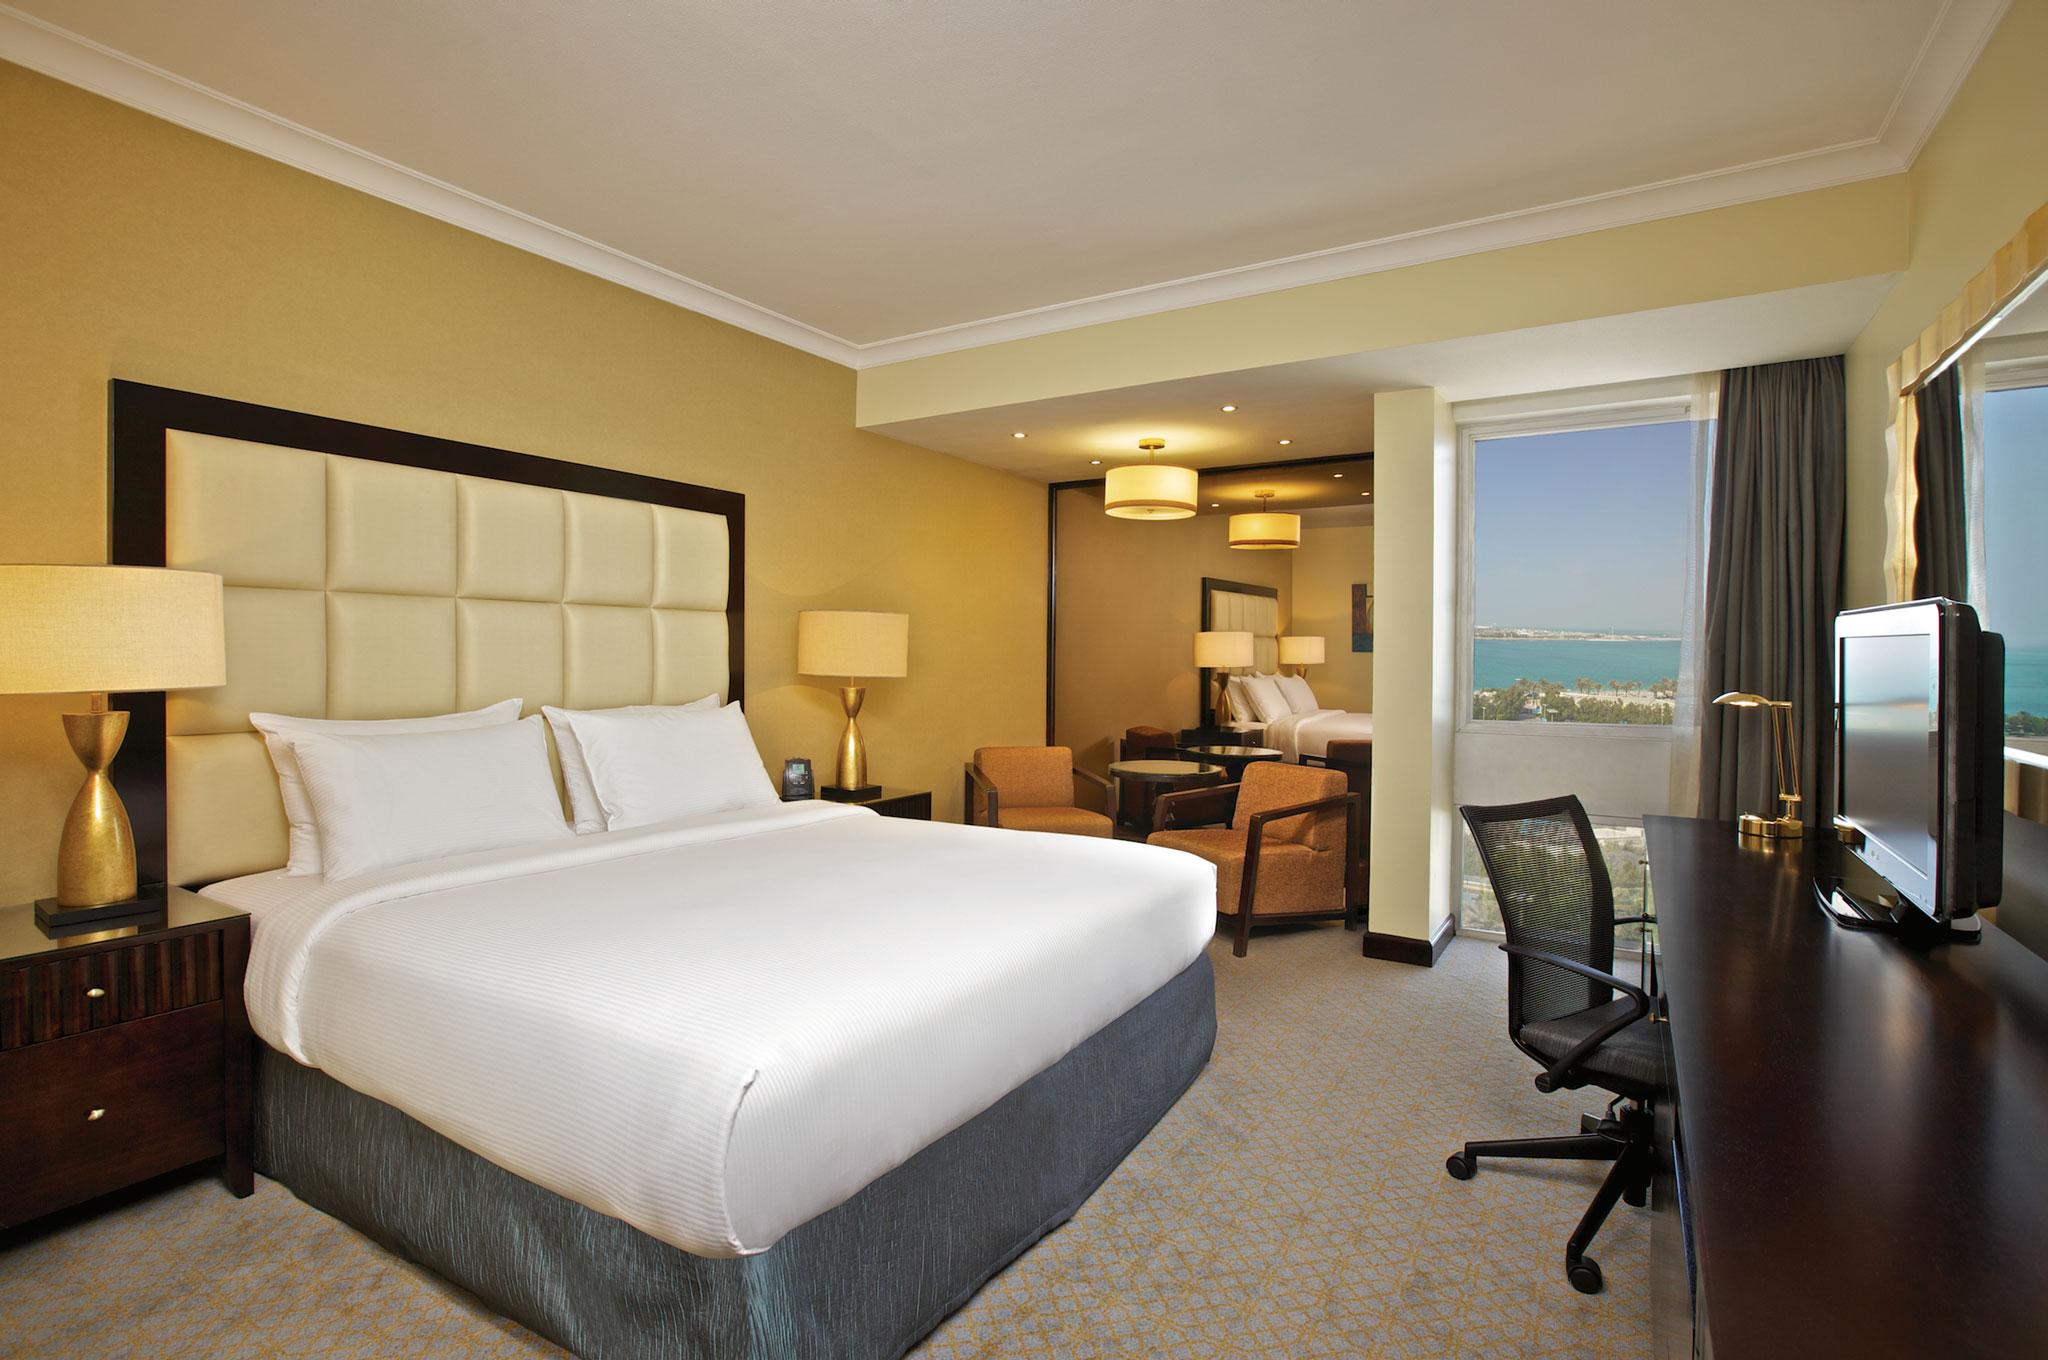 Sterne Hotel Vereinigte Arabische Emirate